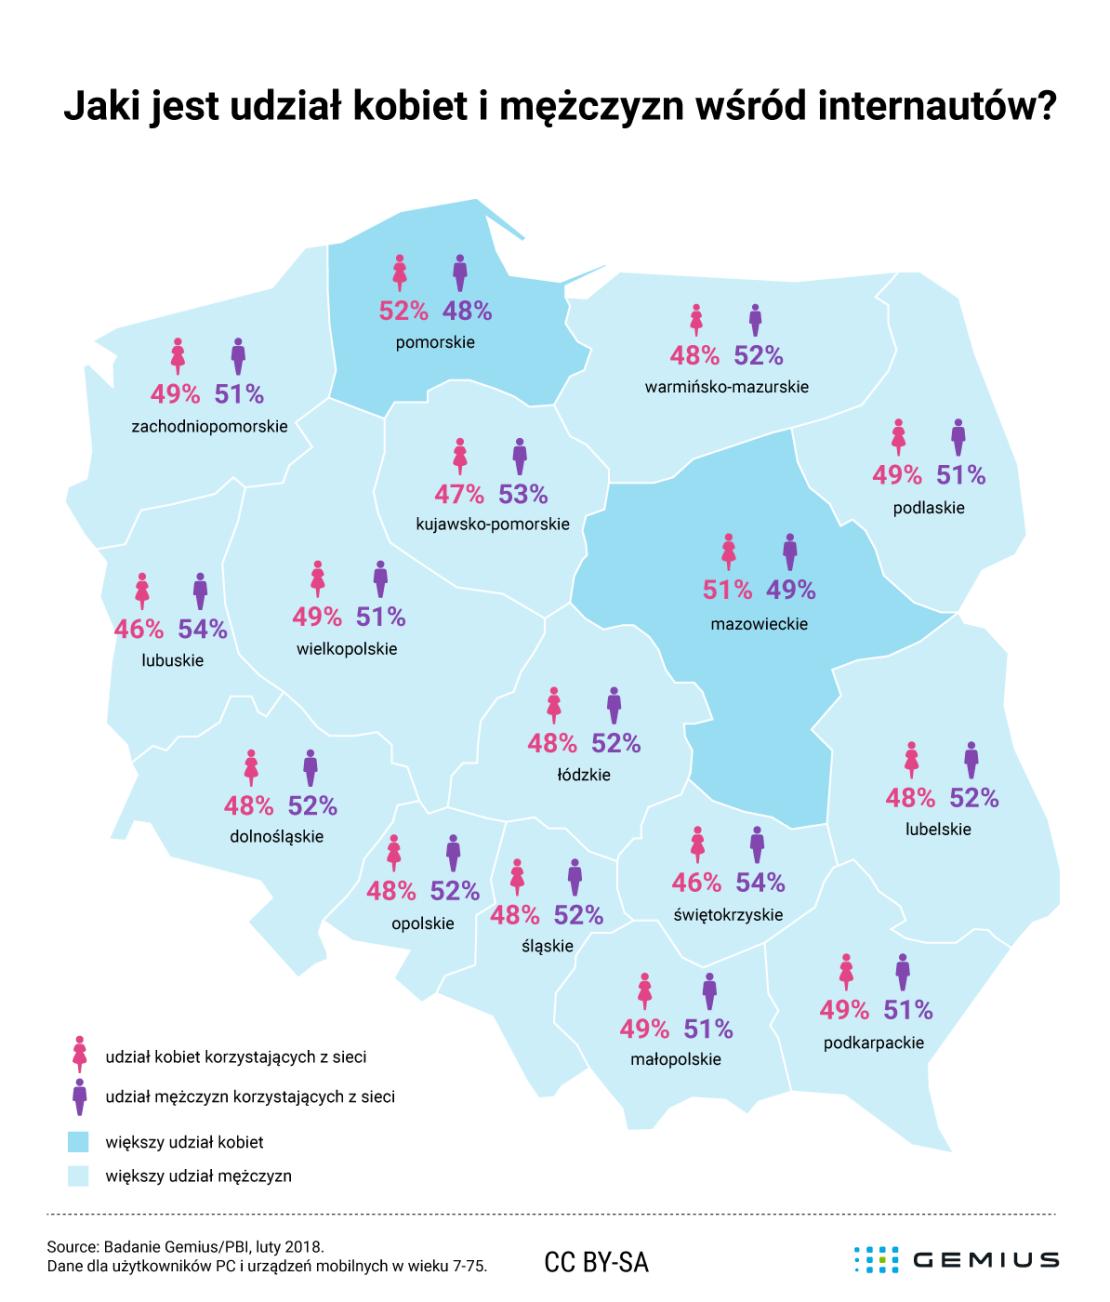 Udział kobiet i mężczyzn wśród internautów w poslkich województwach (luty 2018)